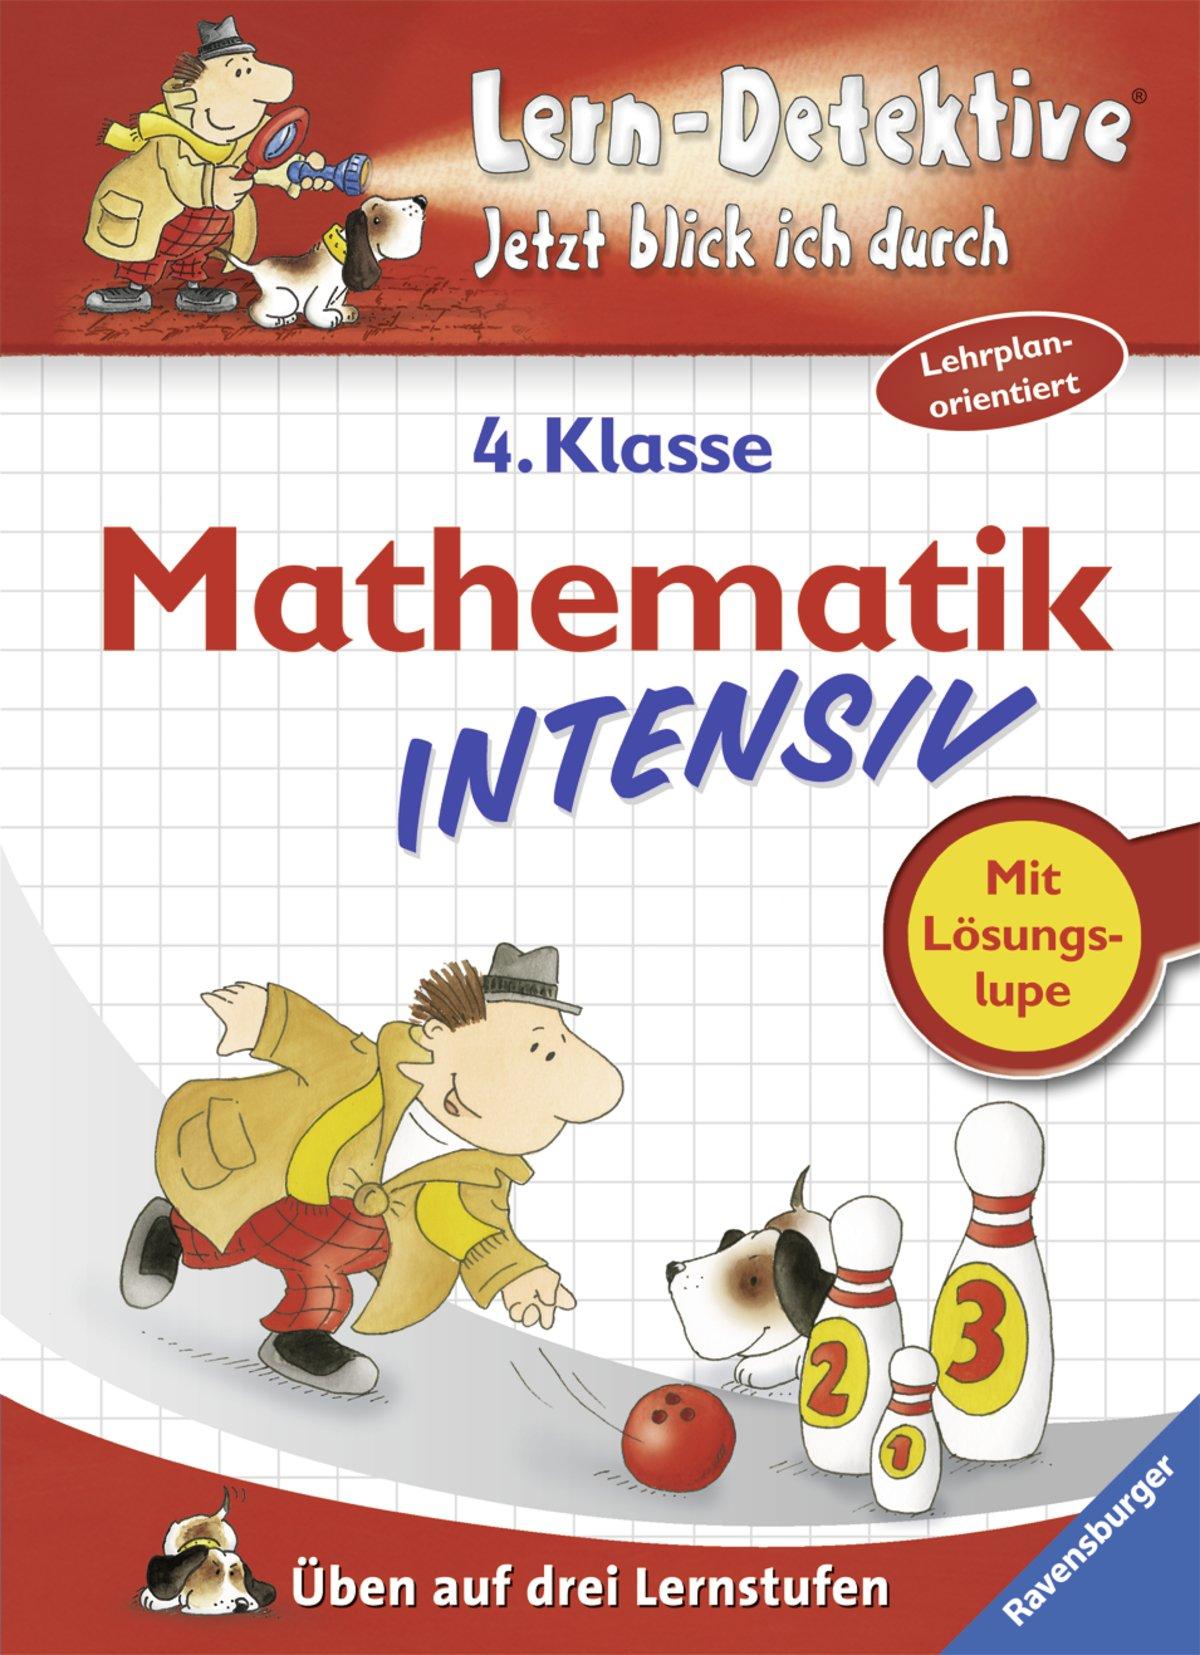 Mathematik intensiv - 4. Klasse - Lern-Detektive - Jetzt blick ich durch